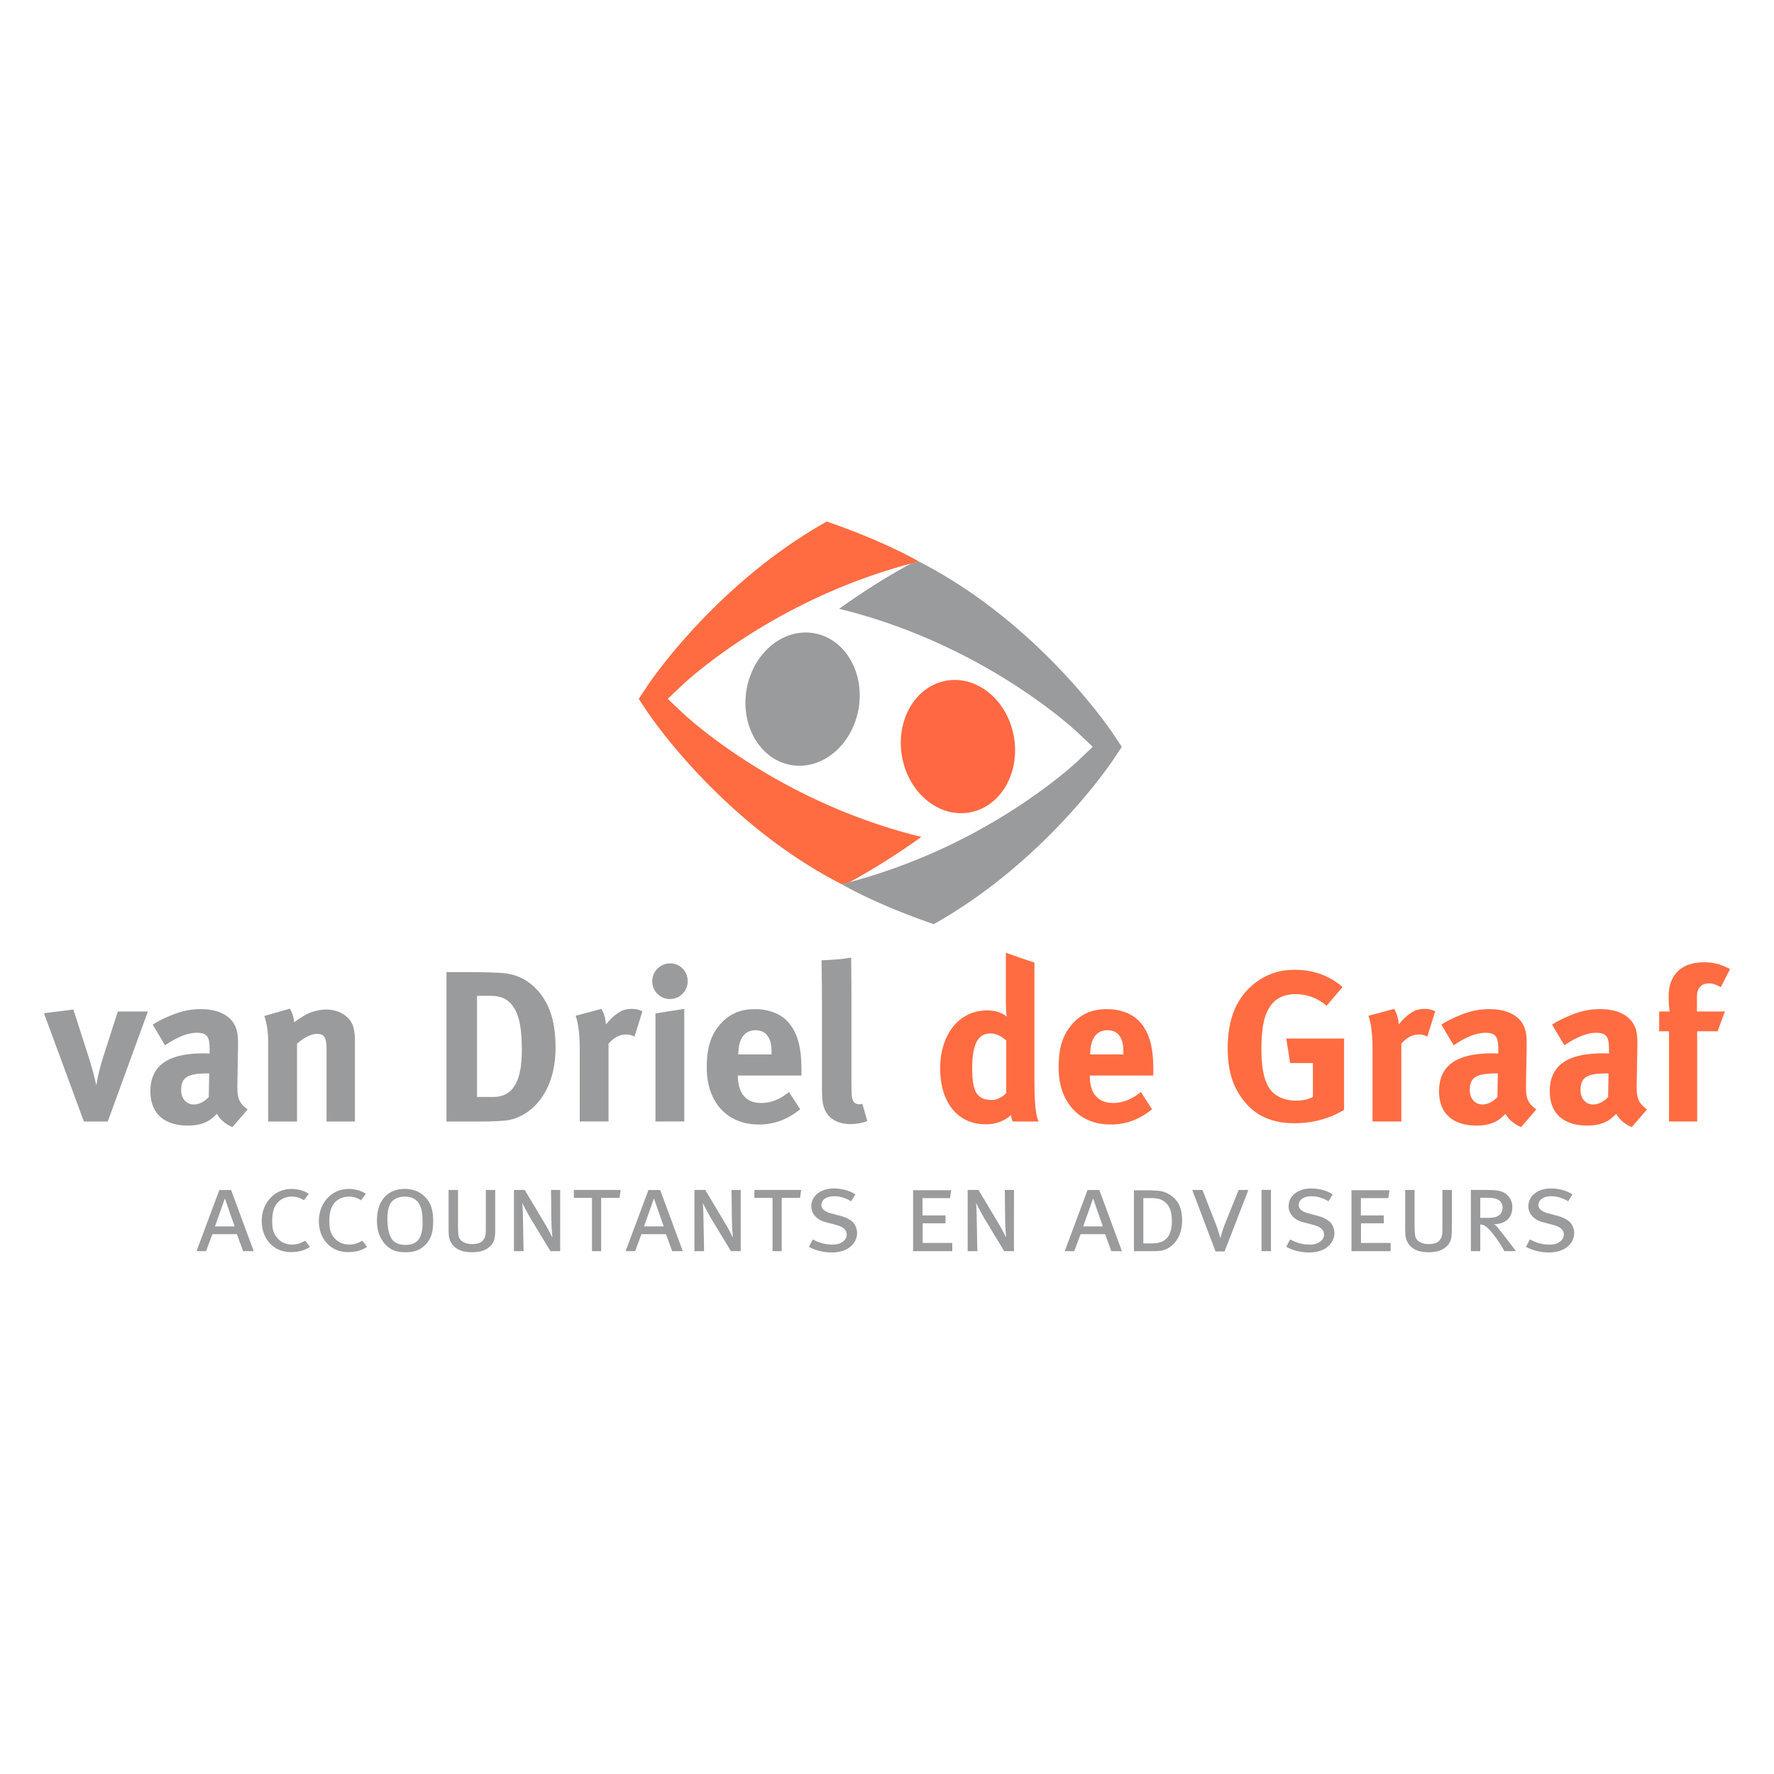 Van Driel De Graaf